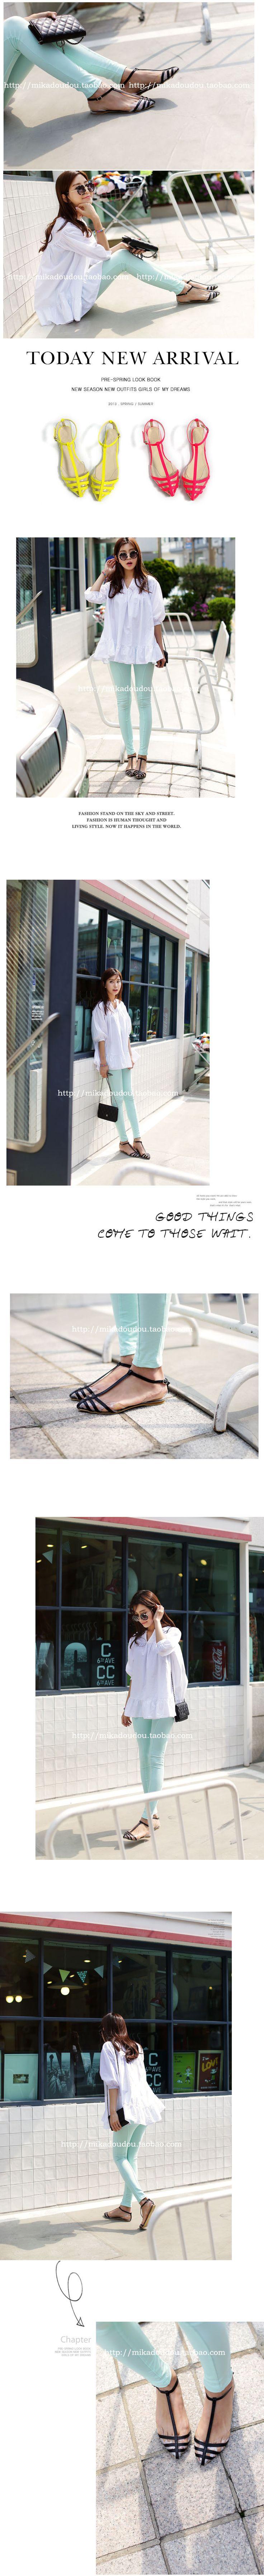 Aliexpress.com: Comprar Zapatos de las sandalias de los zapatos del agujero de la vendimia zapatos femeninos planas deslizadores de las sandalias de playa mujeres de la jalea zapatos de tacón plano de Planos confiables proveedores de Sell What You Buy.